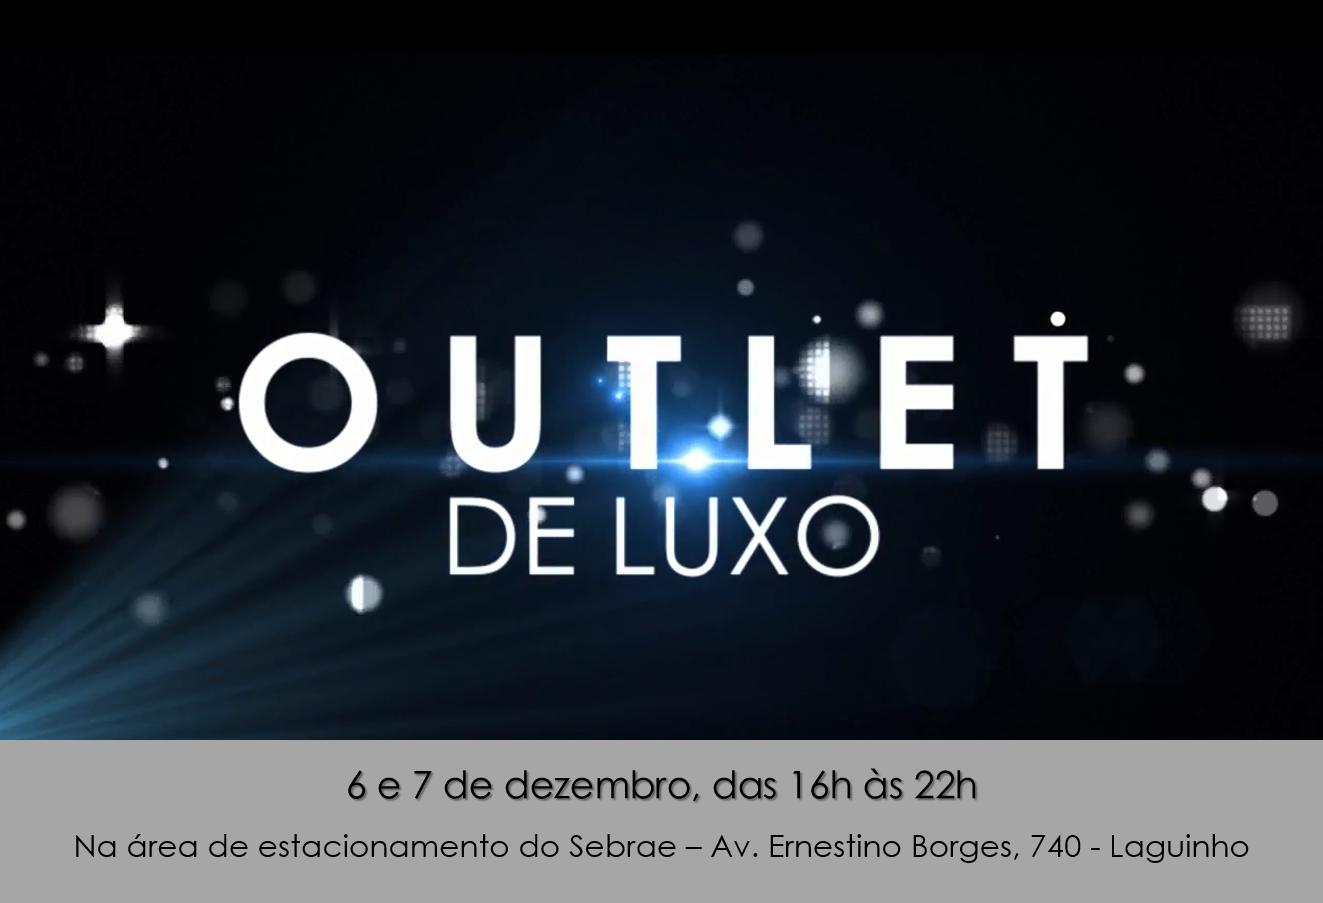 Outlet De Luxo Comercializa Produtos De Grandes Marcas A Pre Os